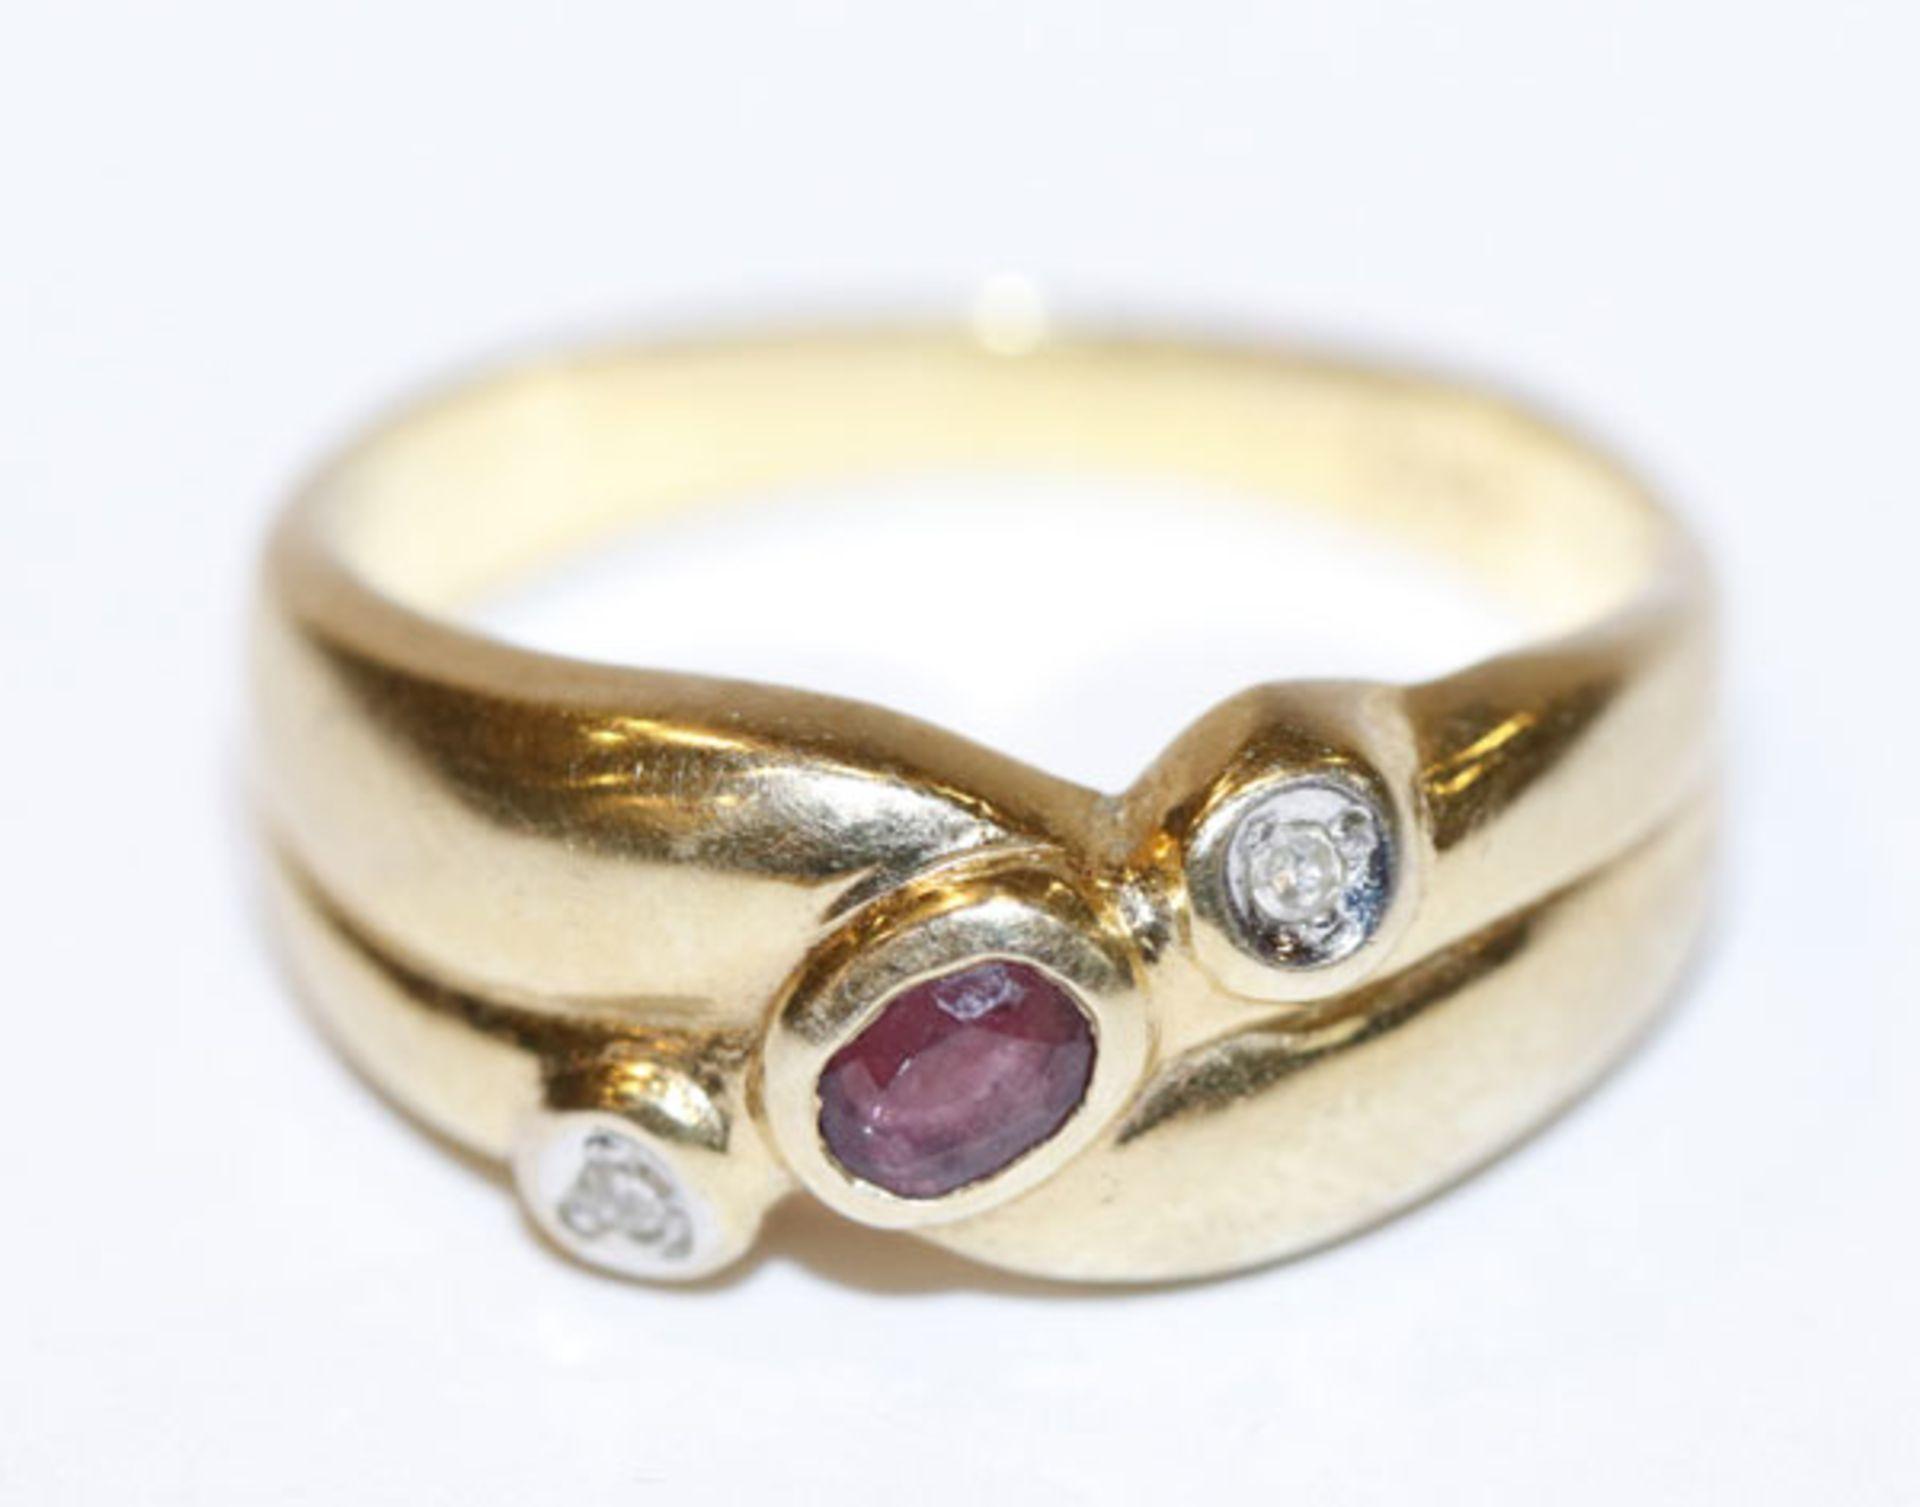 14 k Gelbgold Ring mit 2 Diamanten und einem Rubin, 2,9 gr., Gr. 53